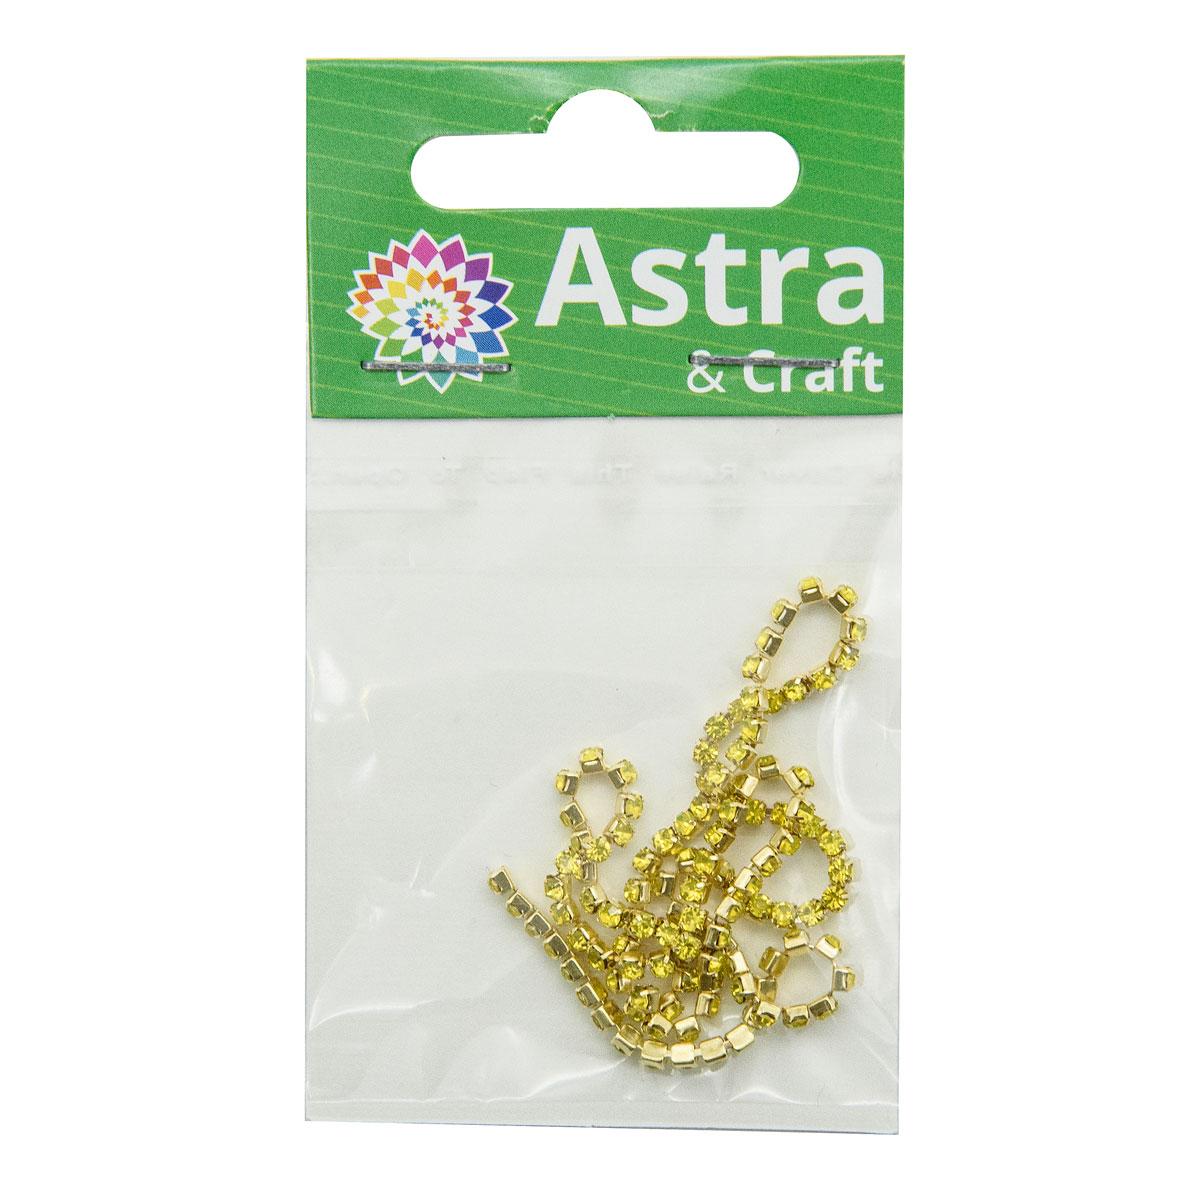 ЦС008ЗЦ2 Стразовые цепочки (золото), цвет: желтый, размер 2 мм, 30 см/упак.